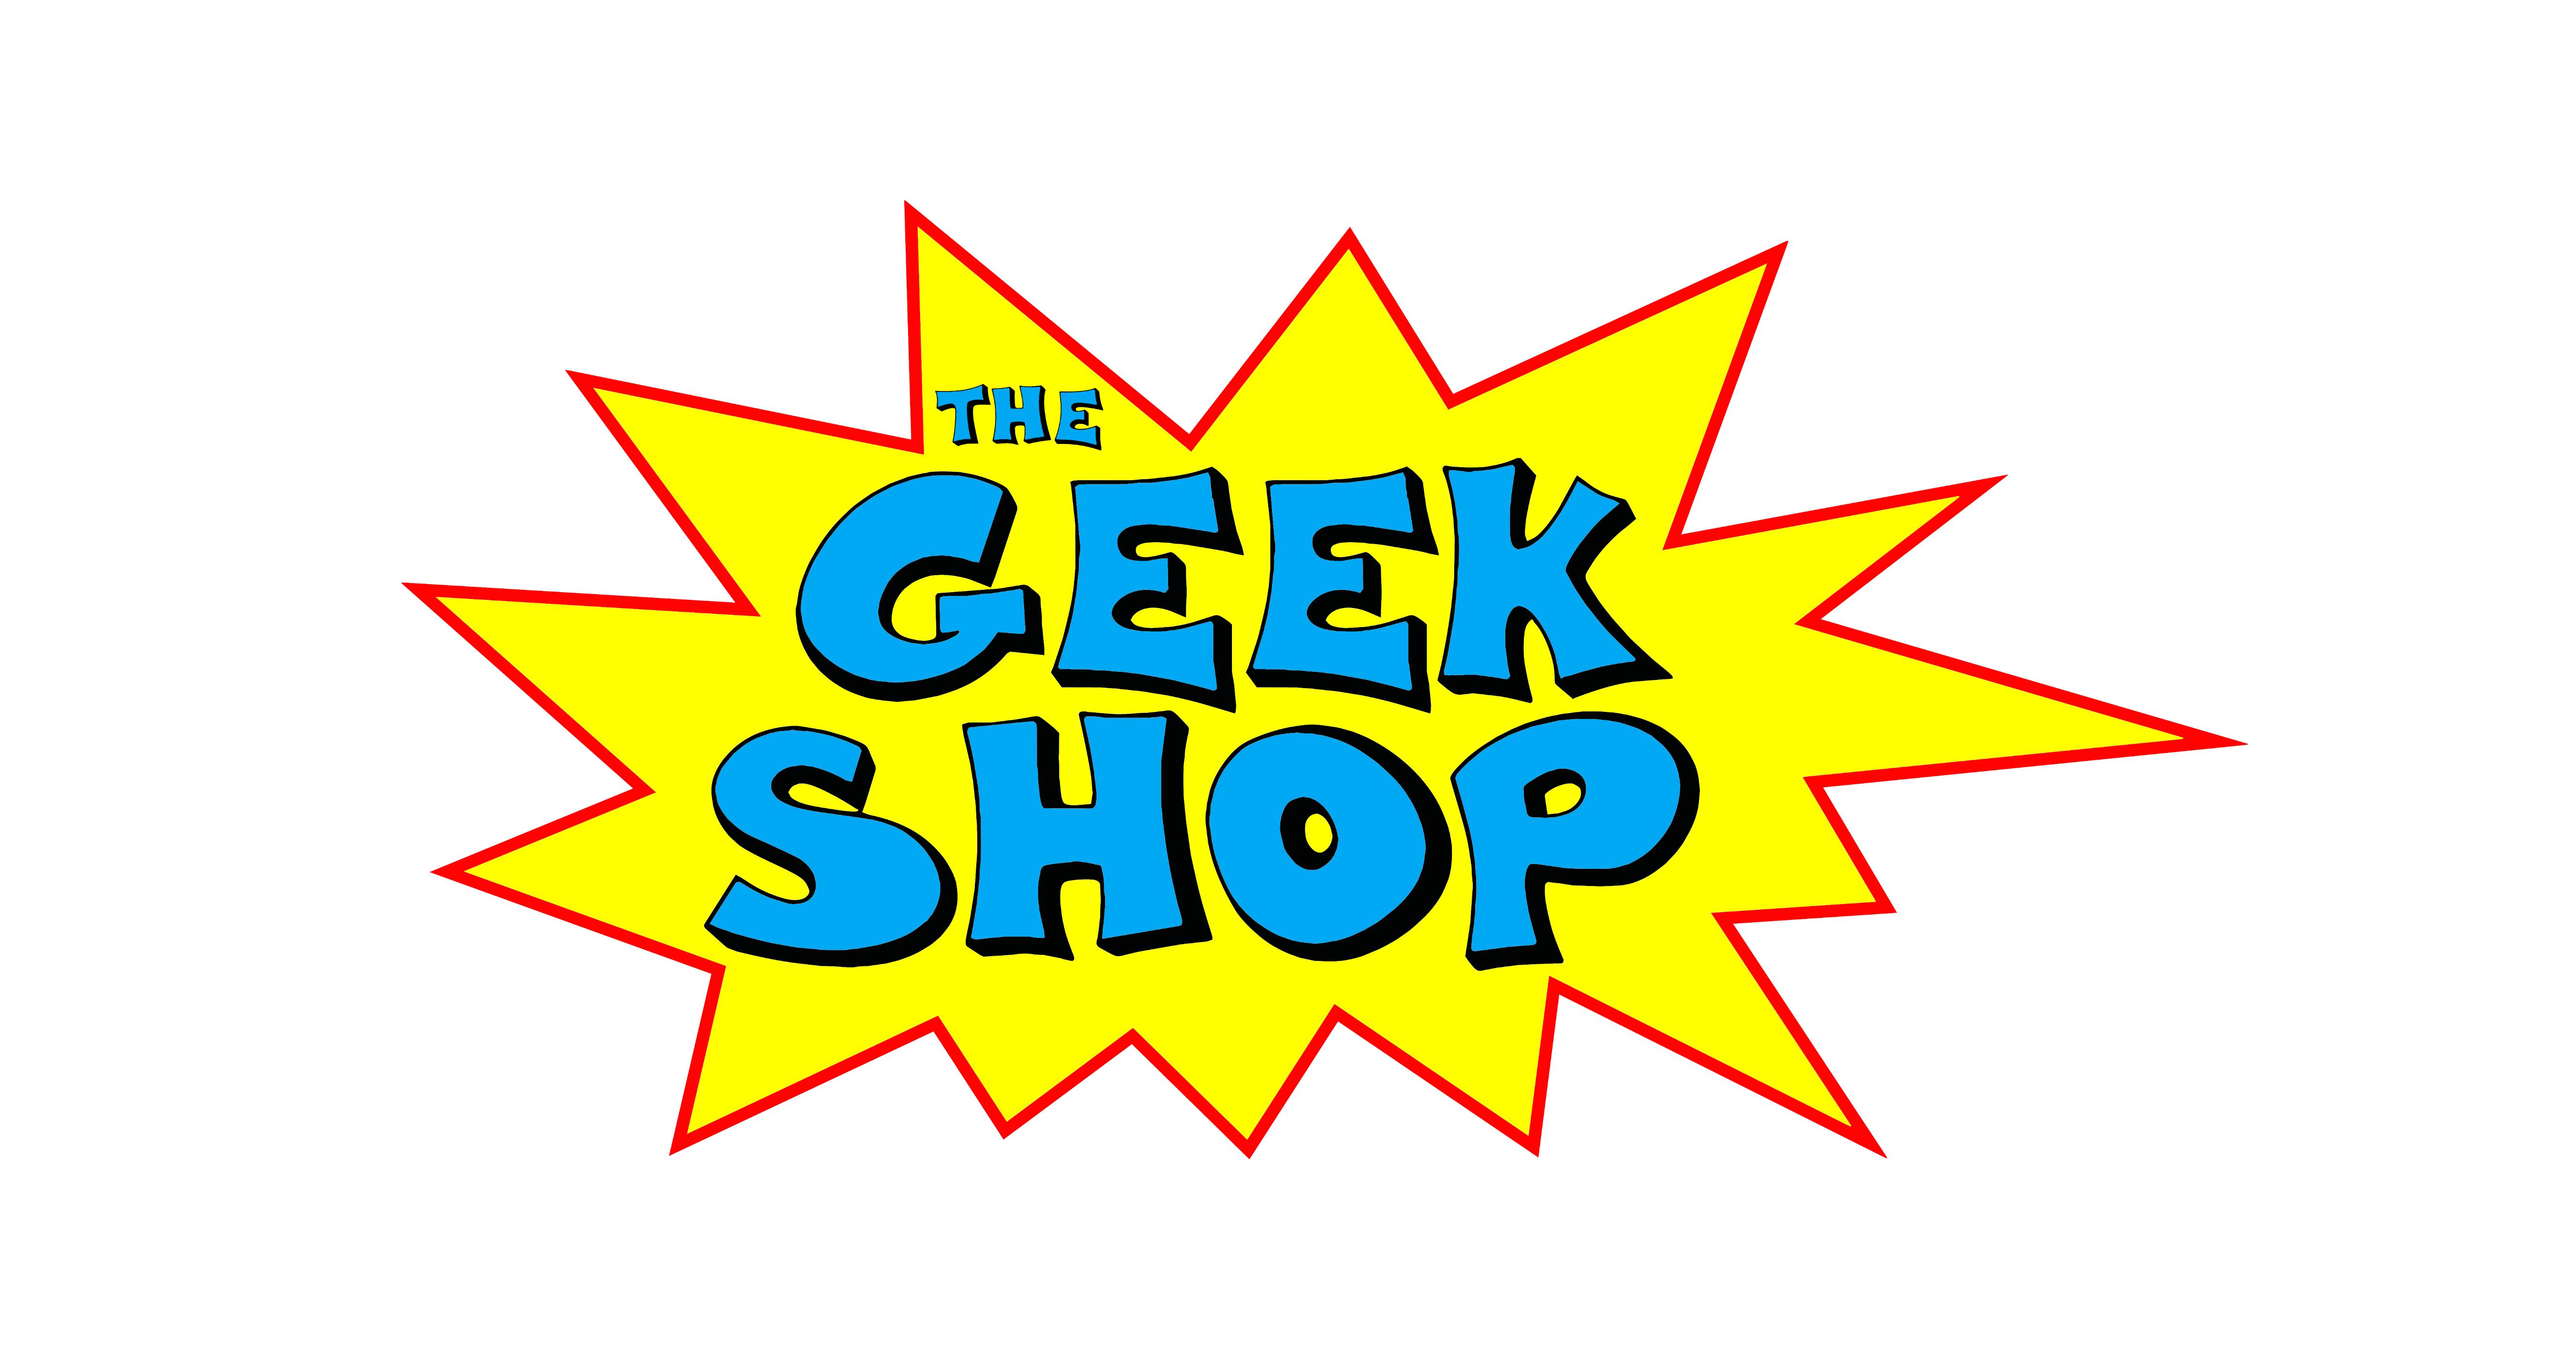 The Geek Shop